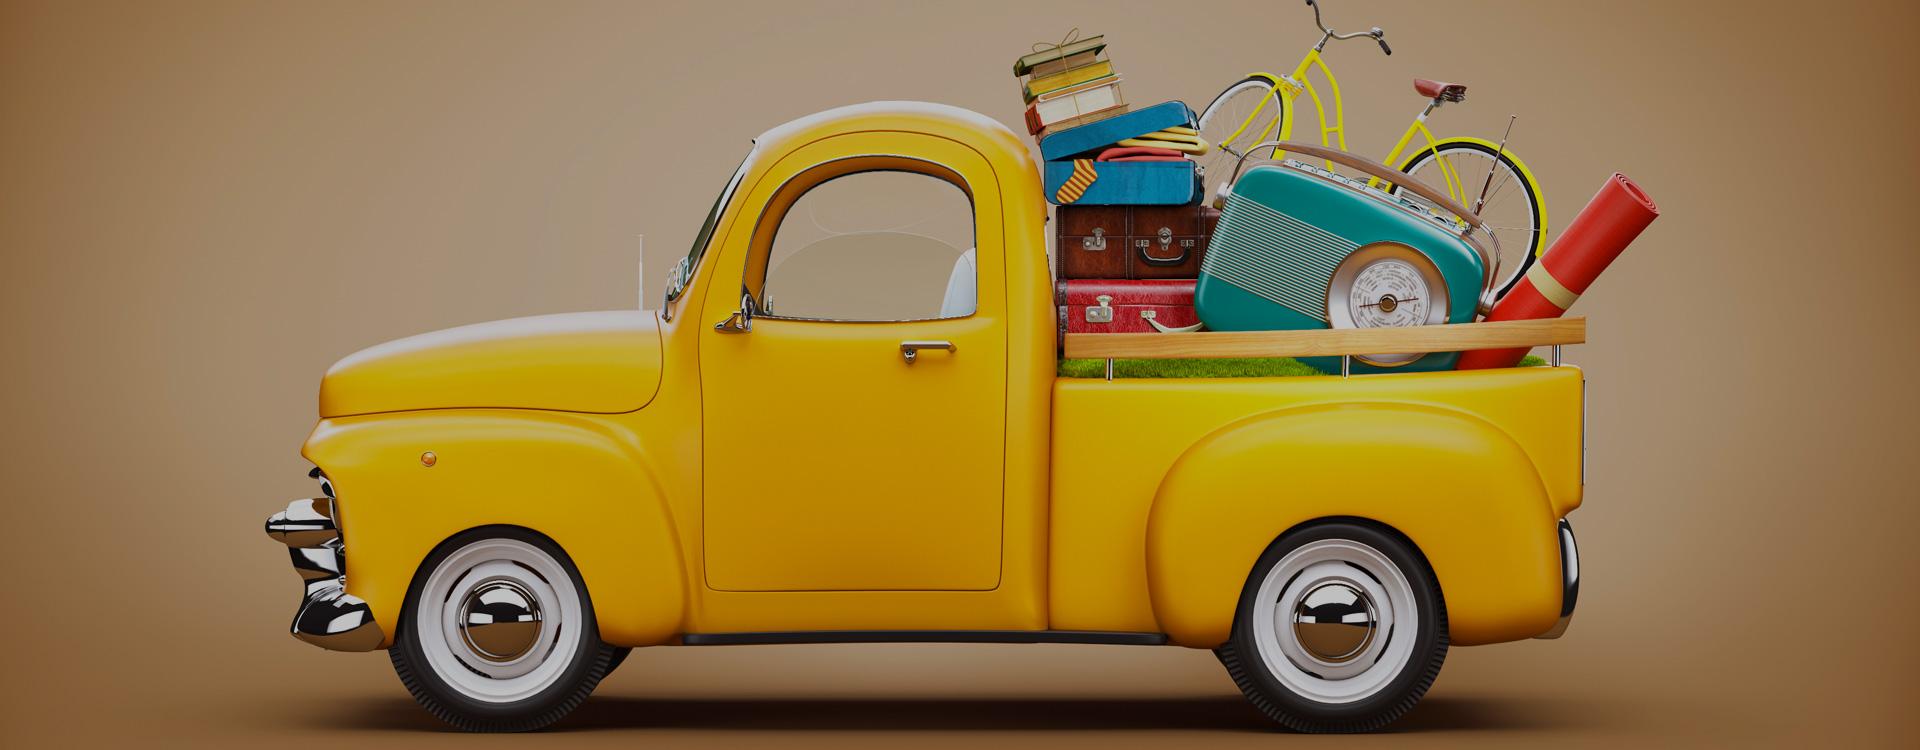 Déménagement : pourquoi contacter une agence de déménagement ?